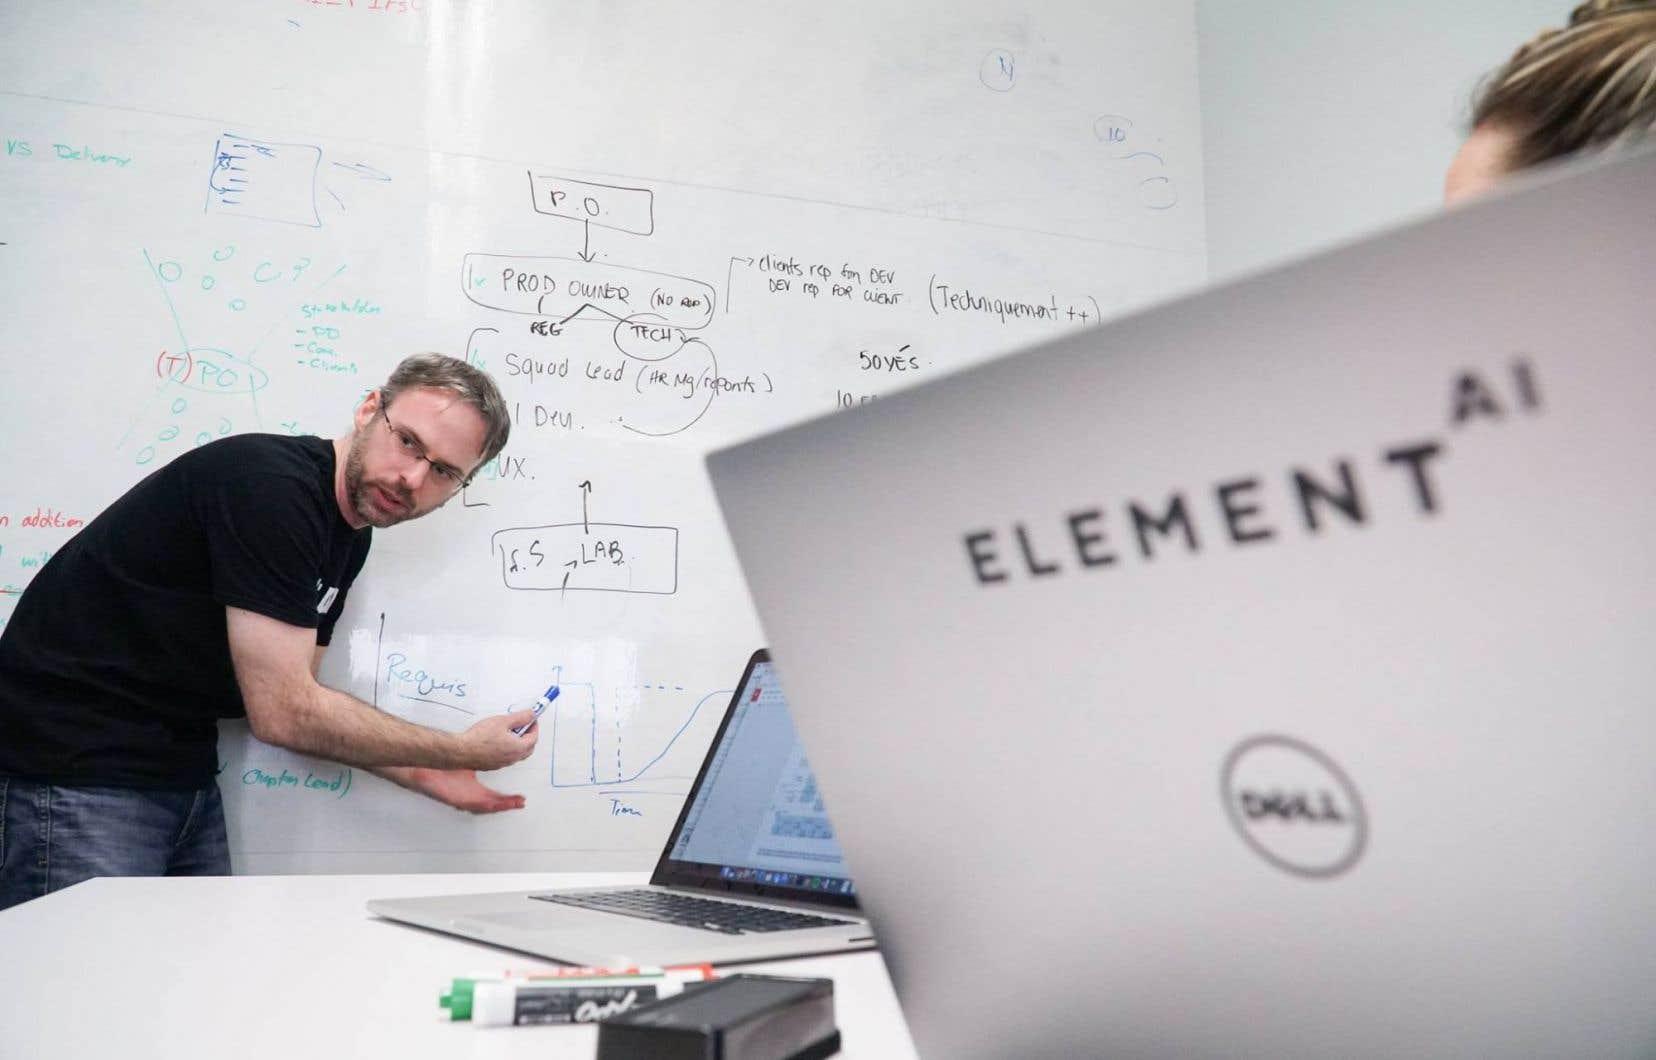 Au cours des prochains mois, l'entreprise consacrera ses énergies au recrutement de nouveaux employés, en tentant de mettre la main sur les très convoités ingénieurs spécialisés en intelligence artificielle.